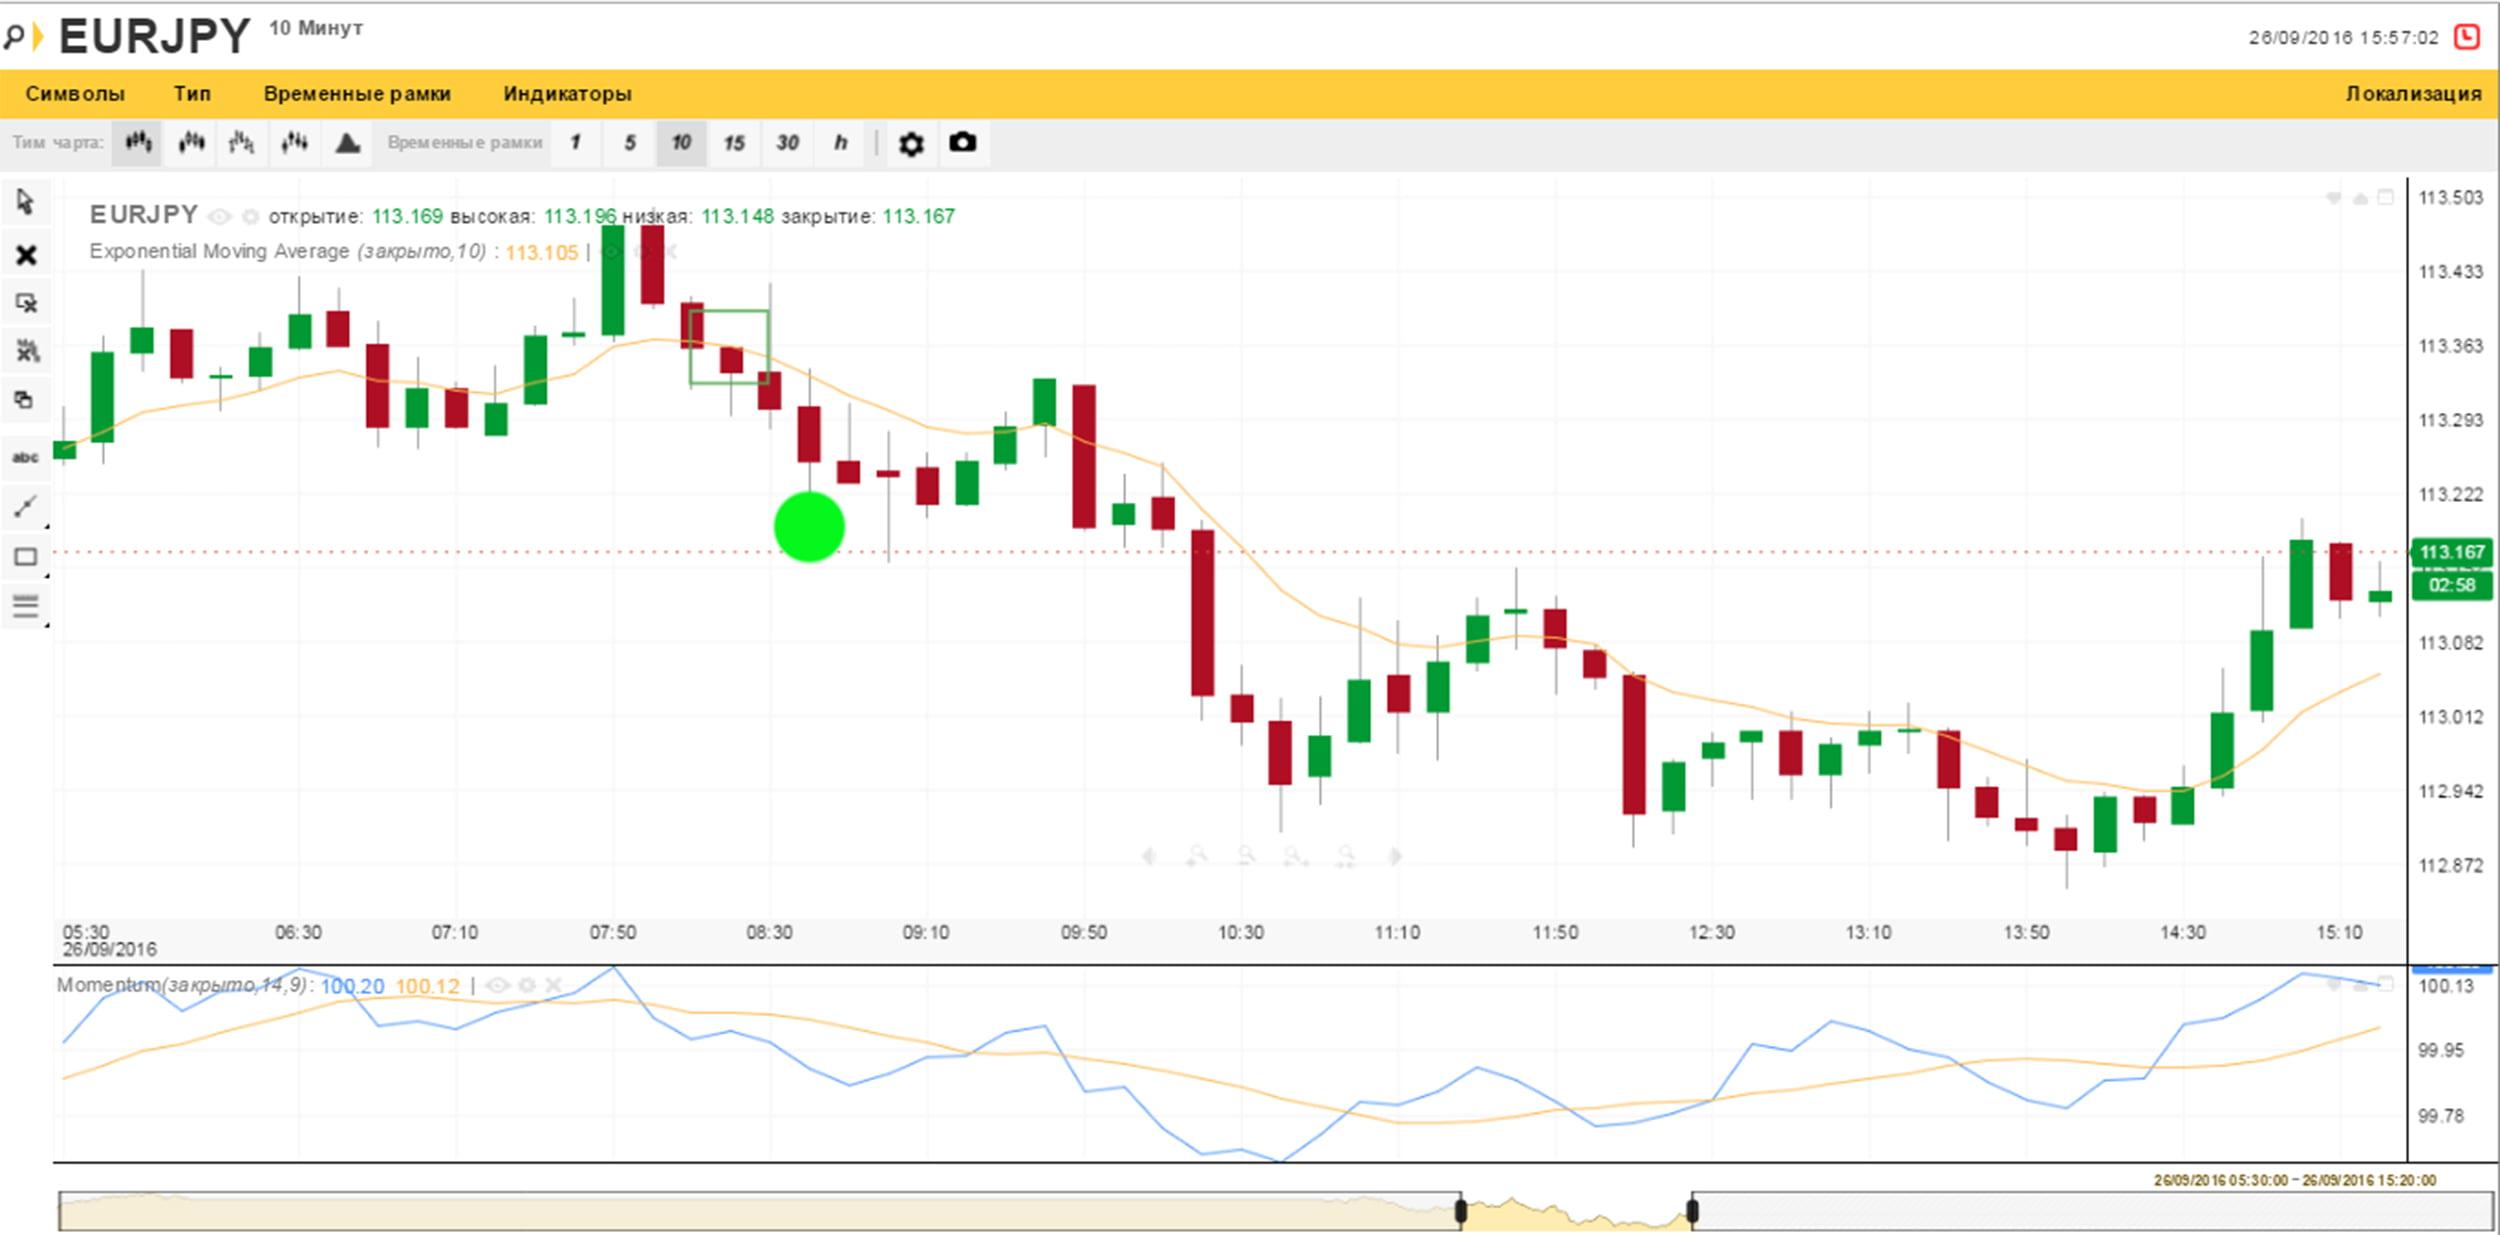 Образец продажи по стратегии 3 на платформе Olymp Trade